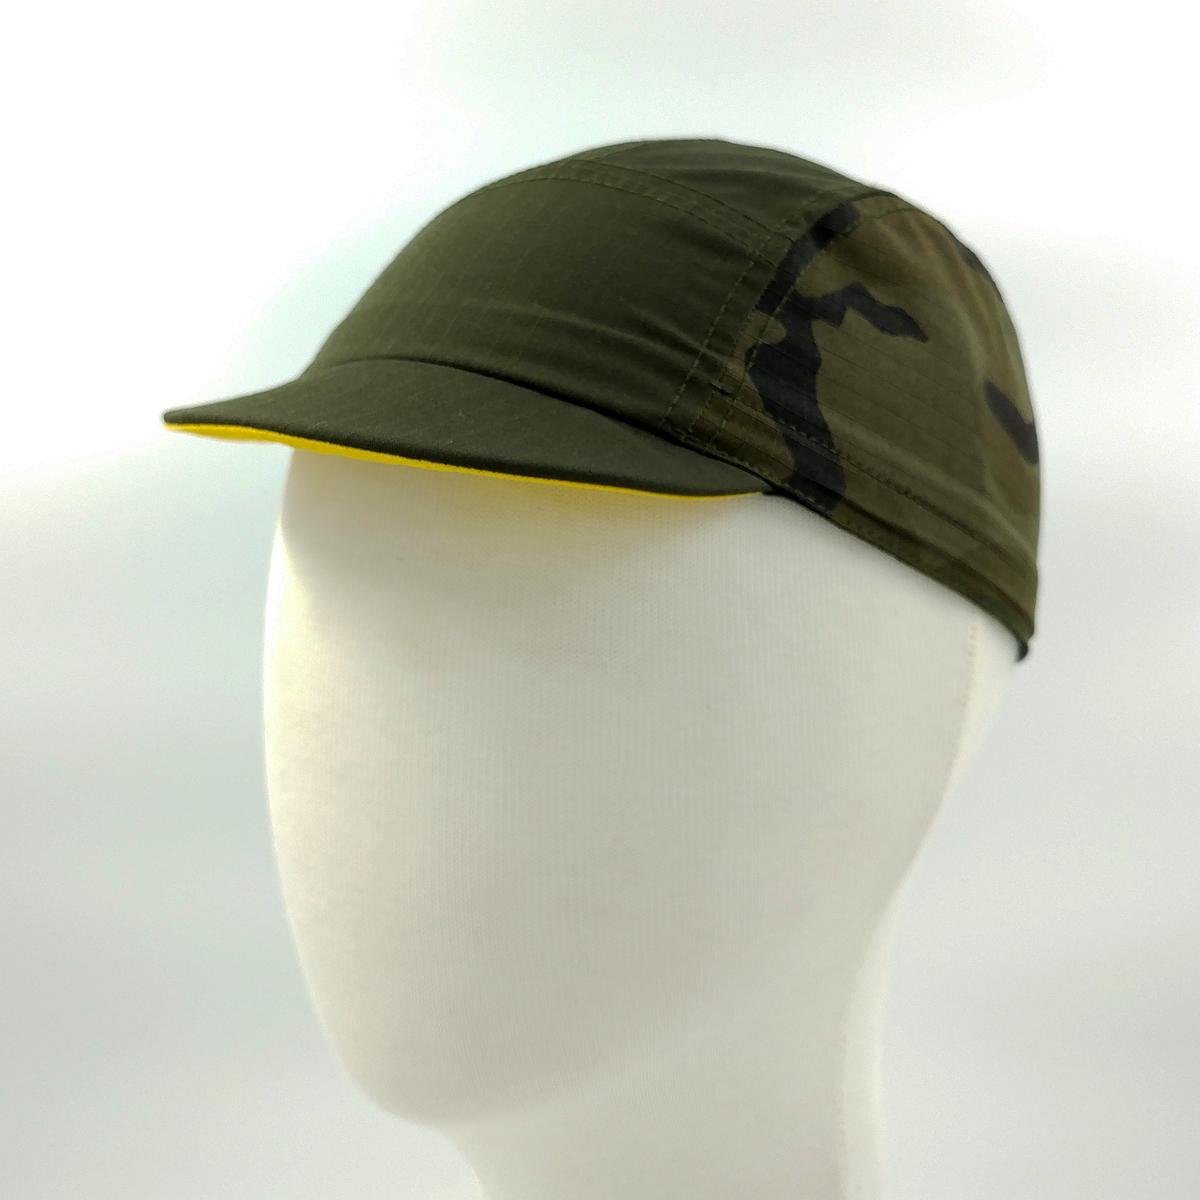 cycling cap - lorengripstok1